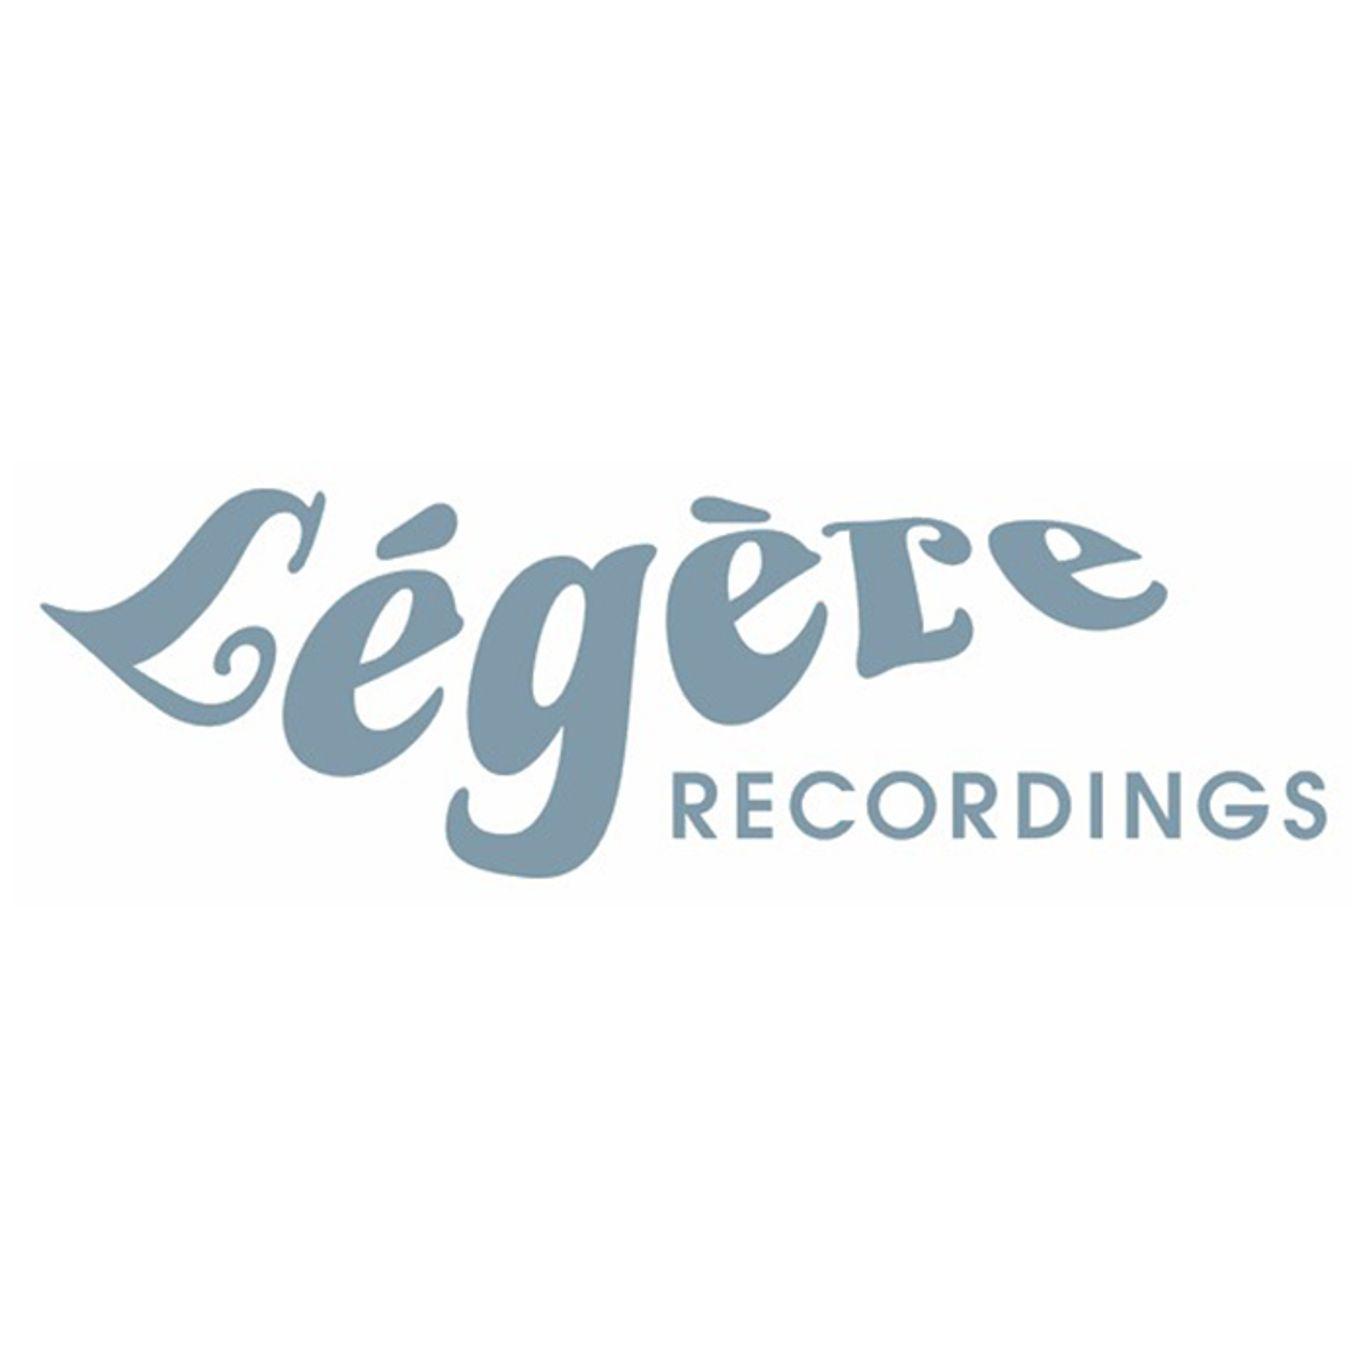 Légère Recordings